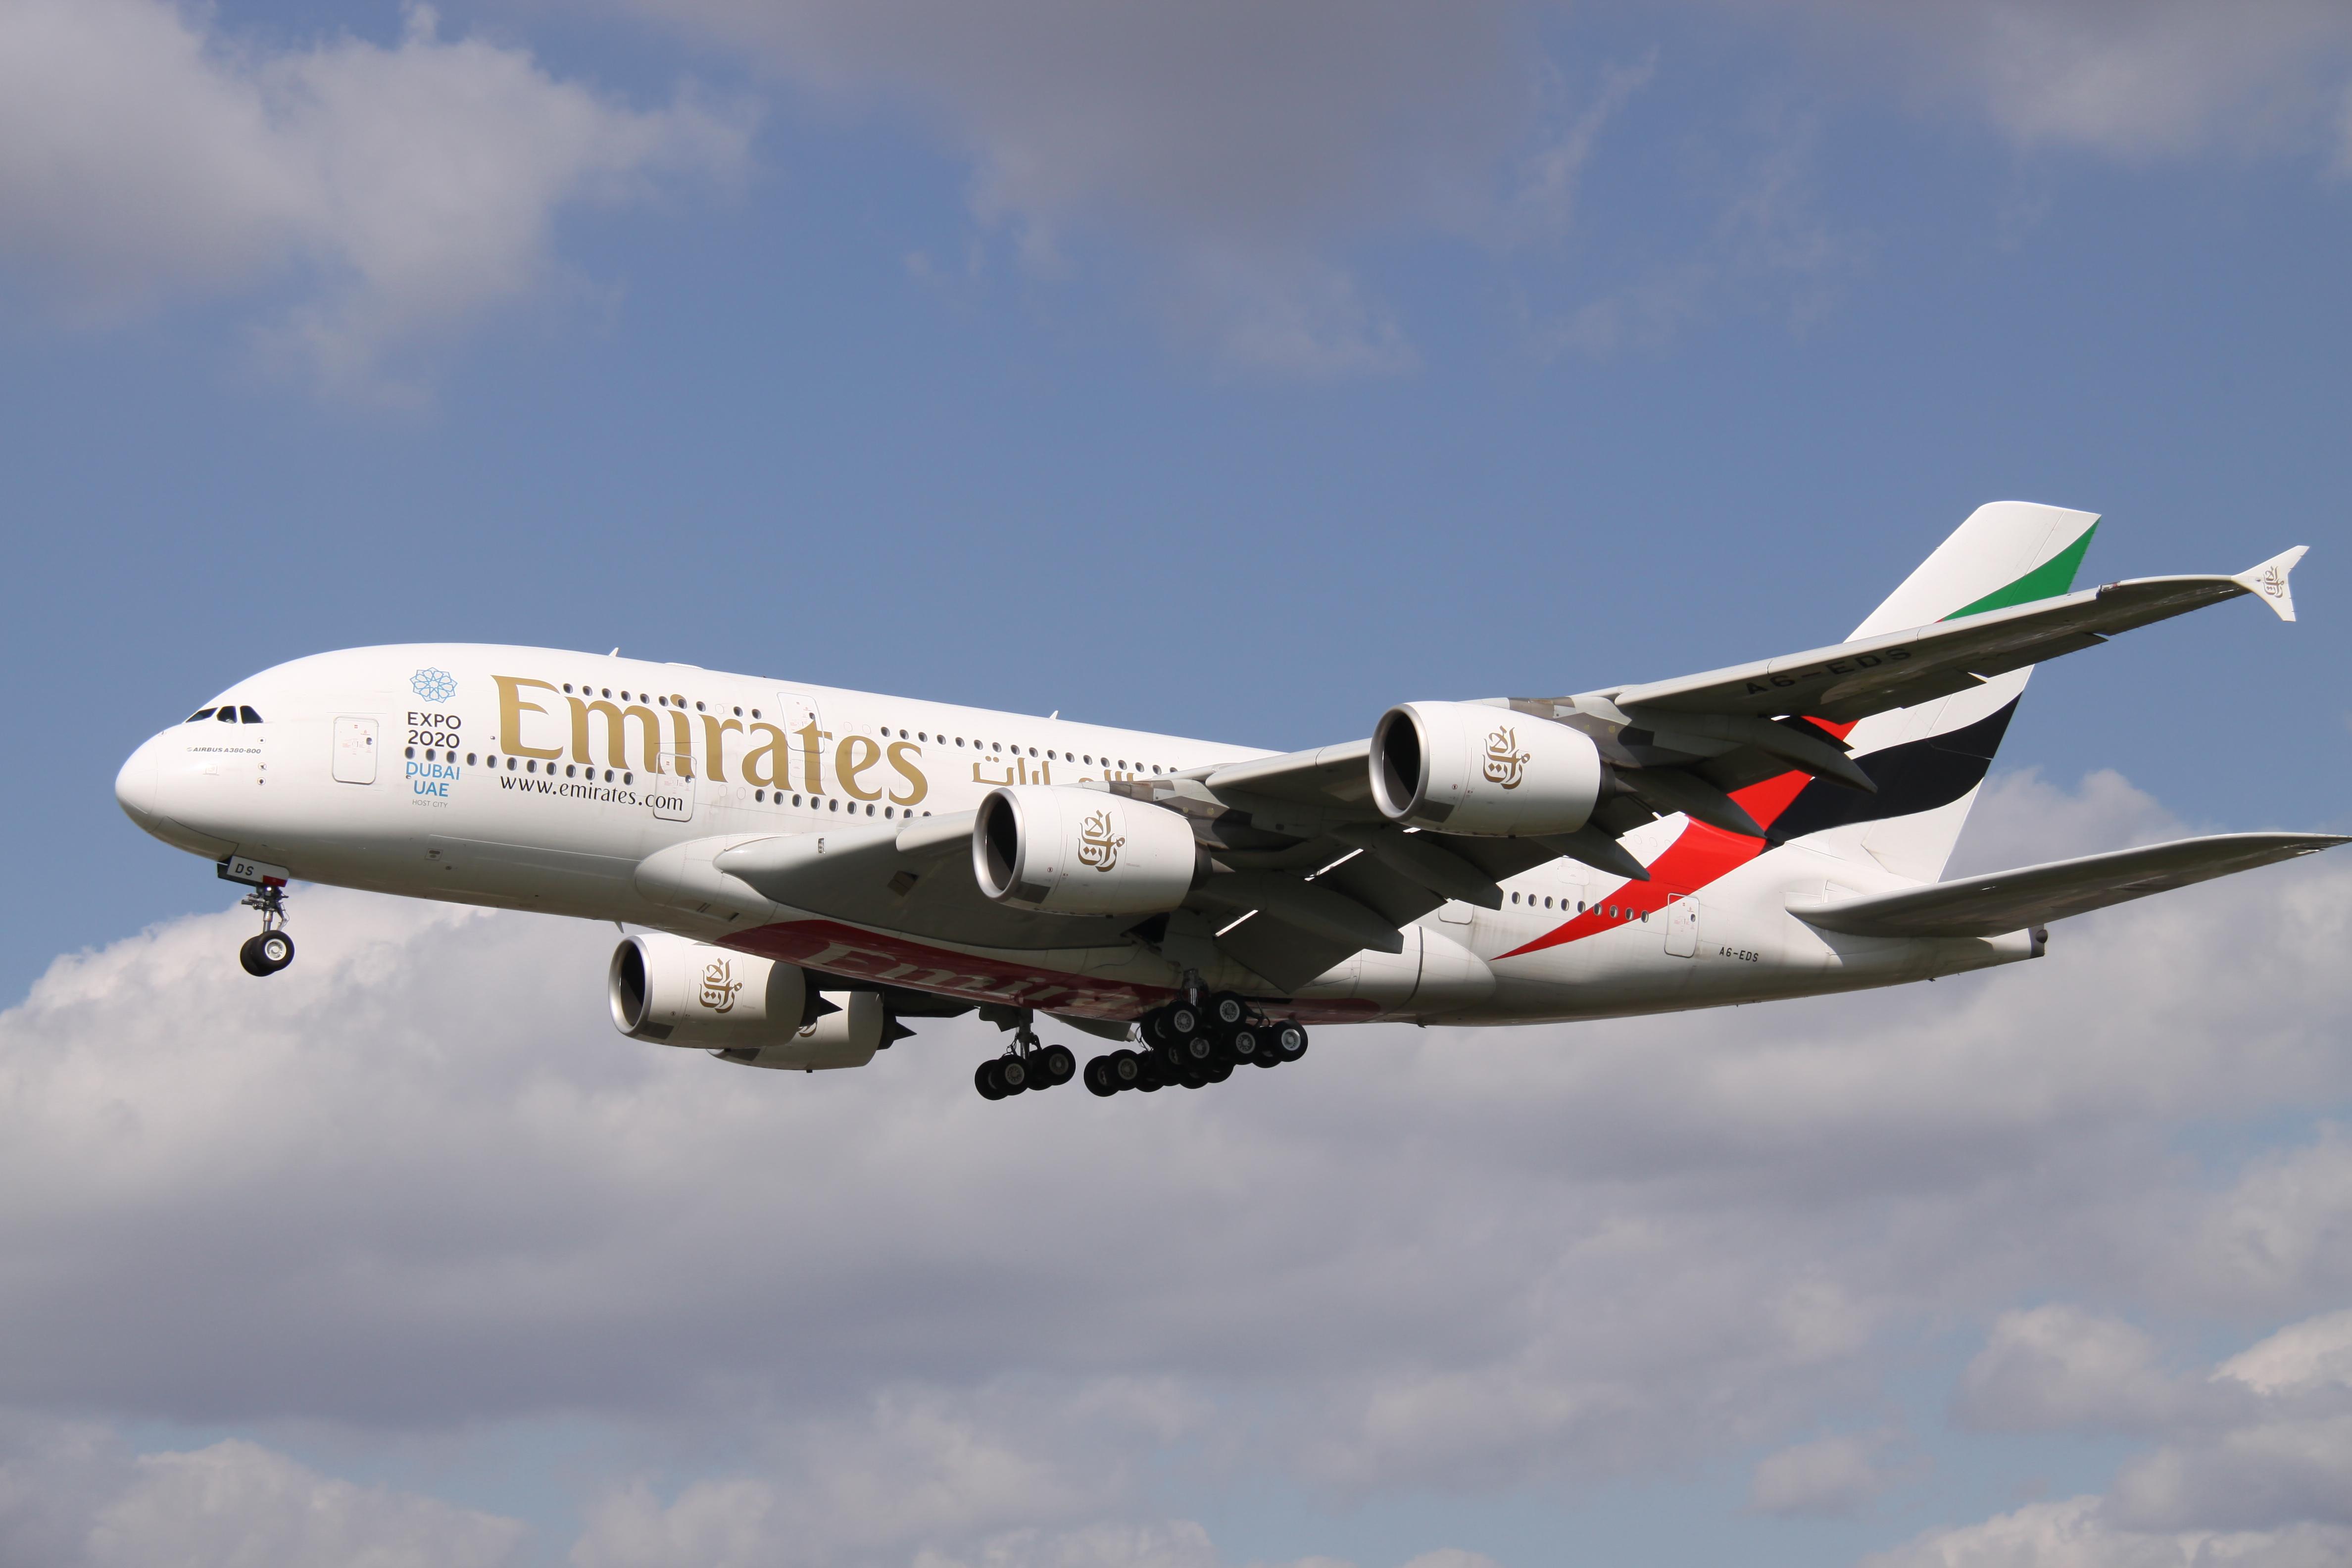 File:A6-EDS Airbus A.388 Emirates With Expo 2020 Dubai UAE Titles